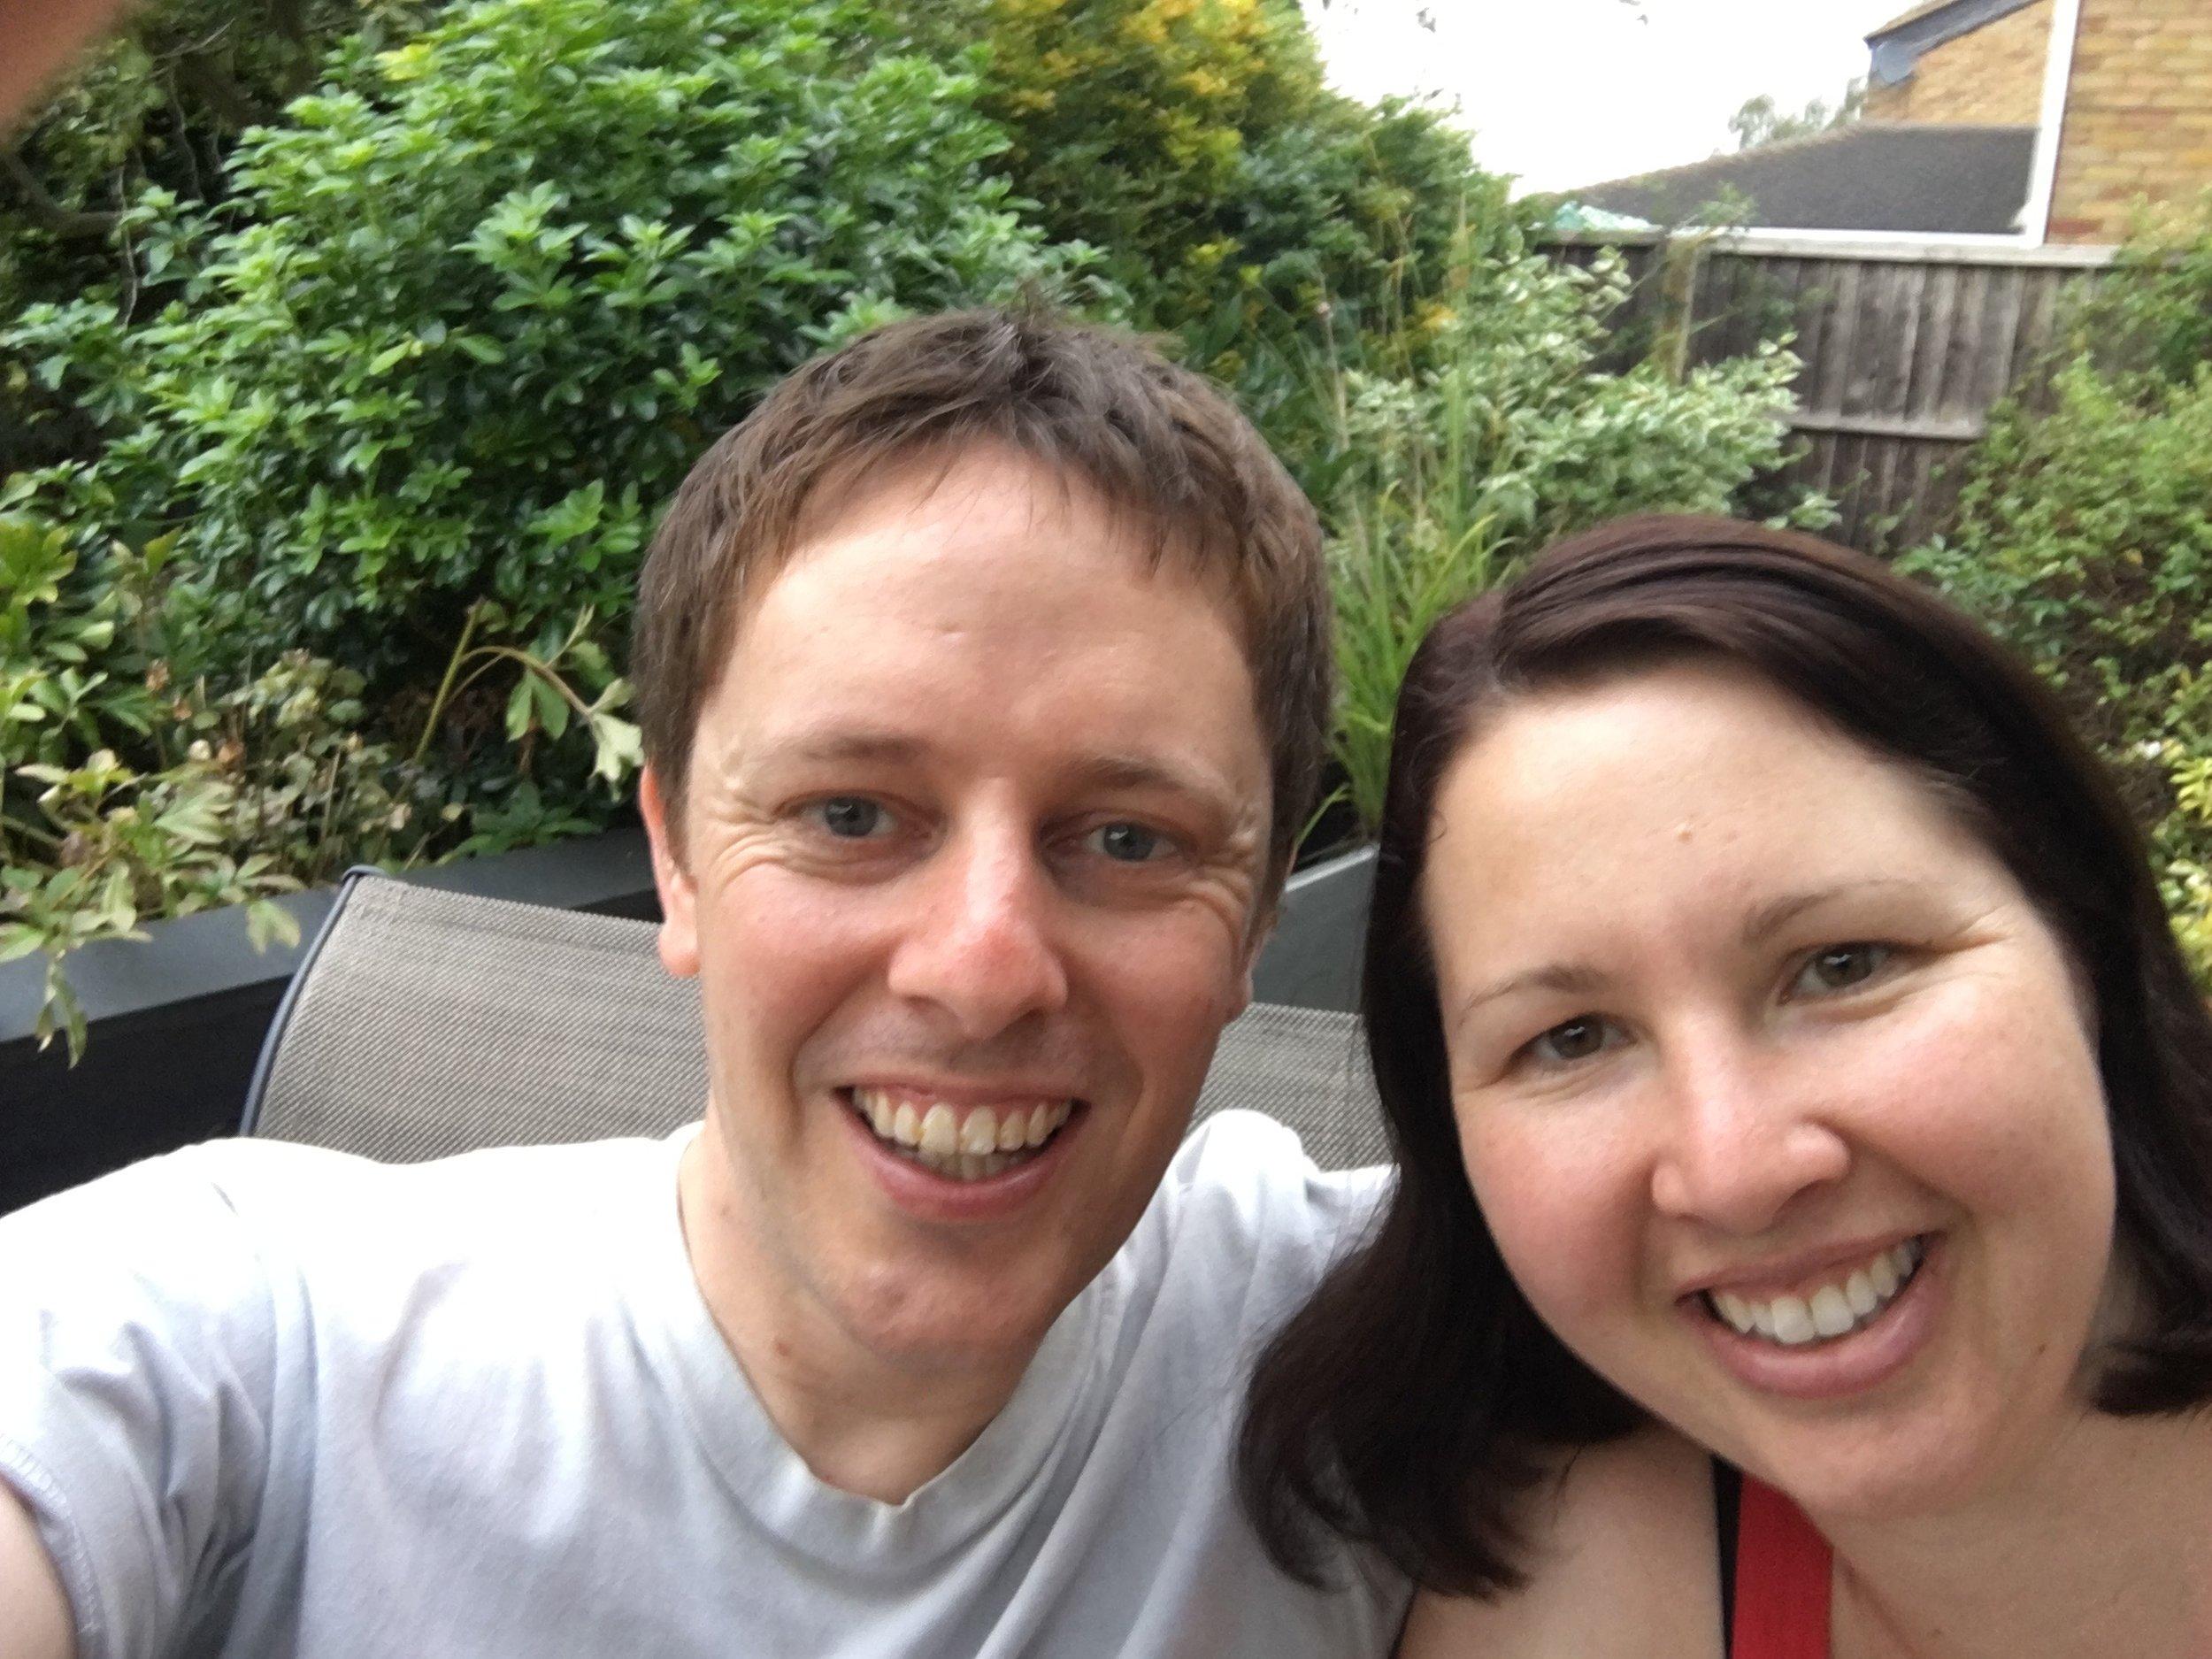 Steve and Anna Boxwell